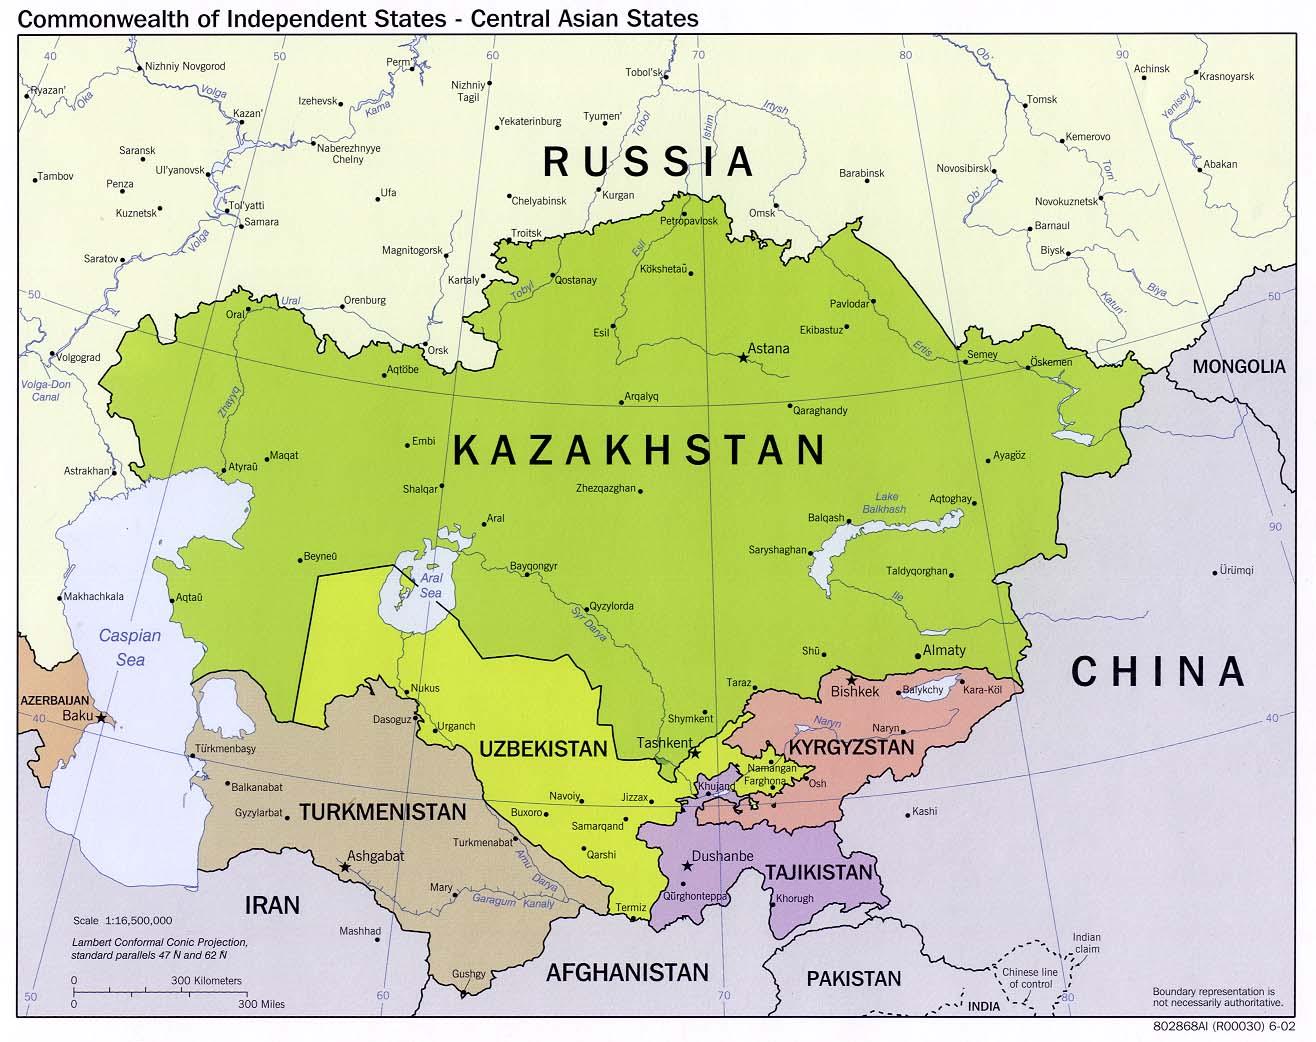 Países de la Comunidad de Estados Independientes en Asia Central 2002